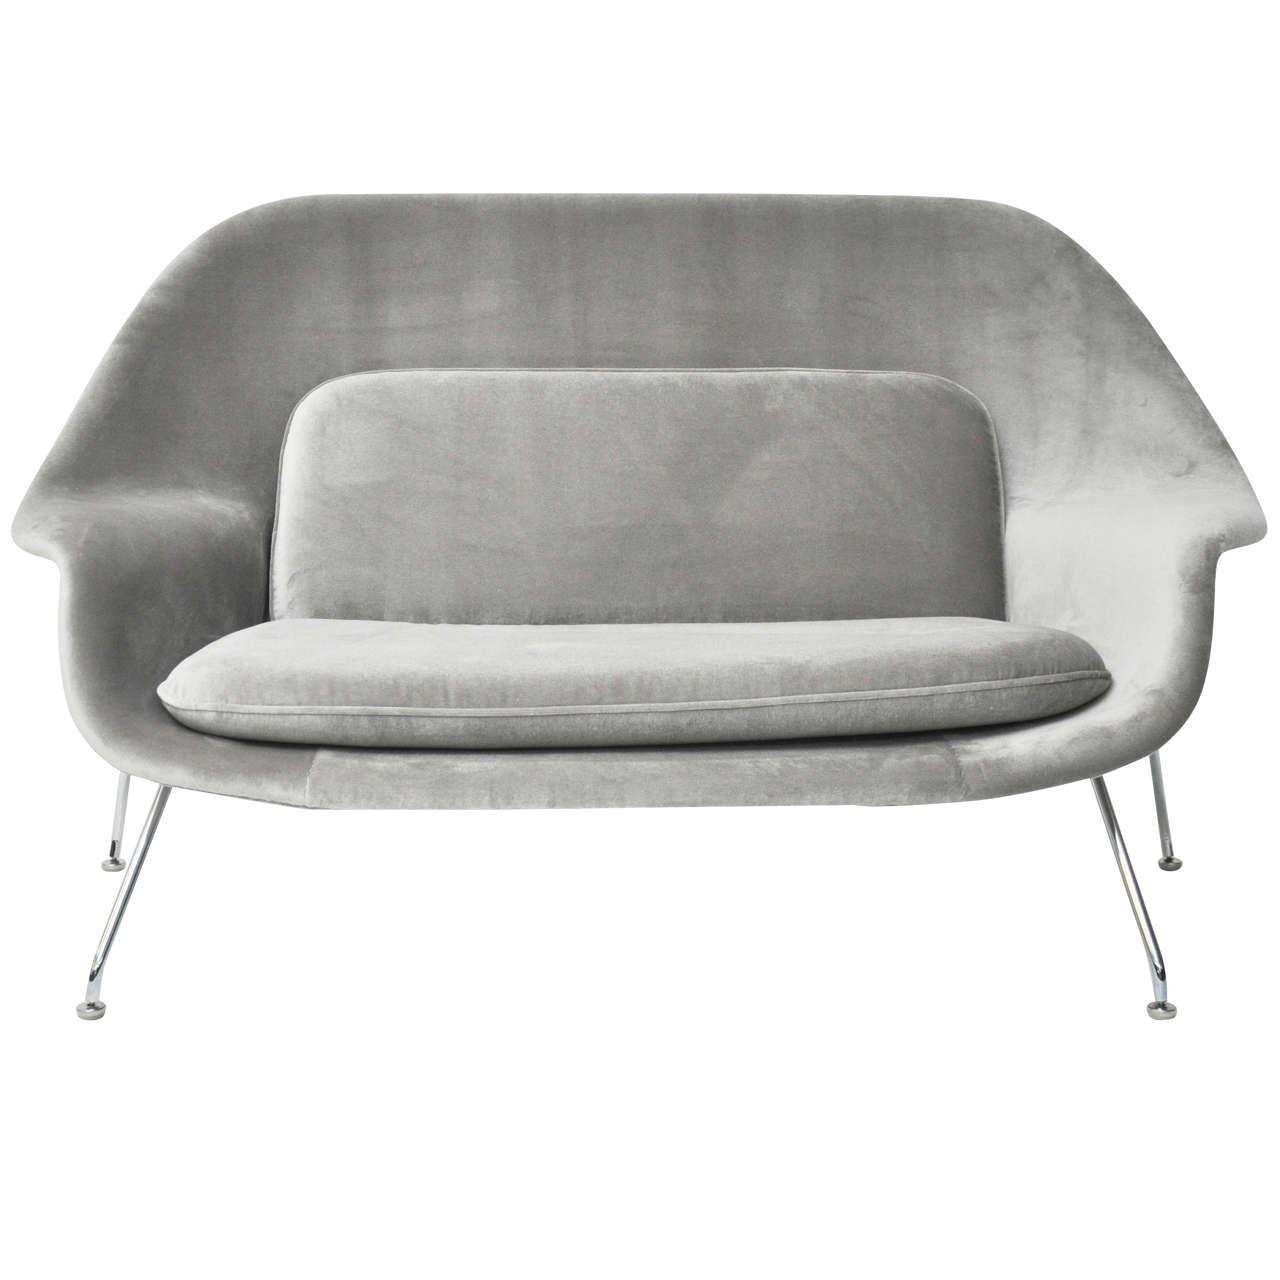 Ordinaire Eero Saarinen Womb Settee For Knoll For Sale